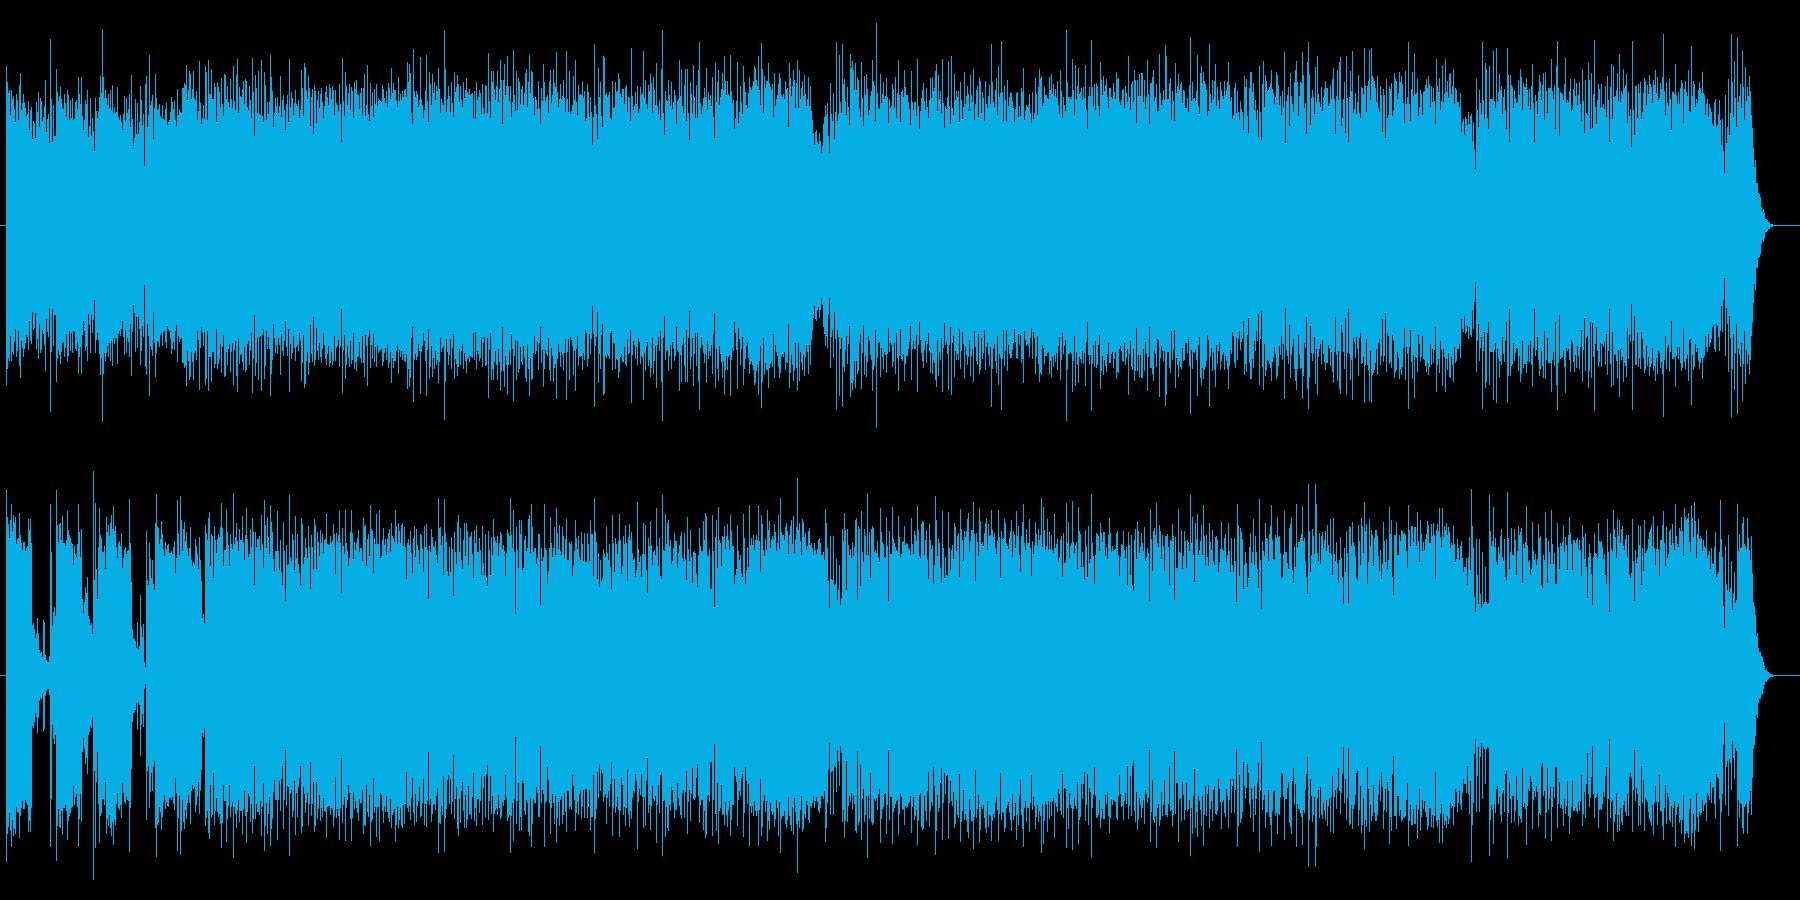 疾走感あるメロディアスなエレキサウンドの再生済みの波形